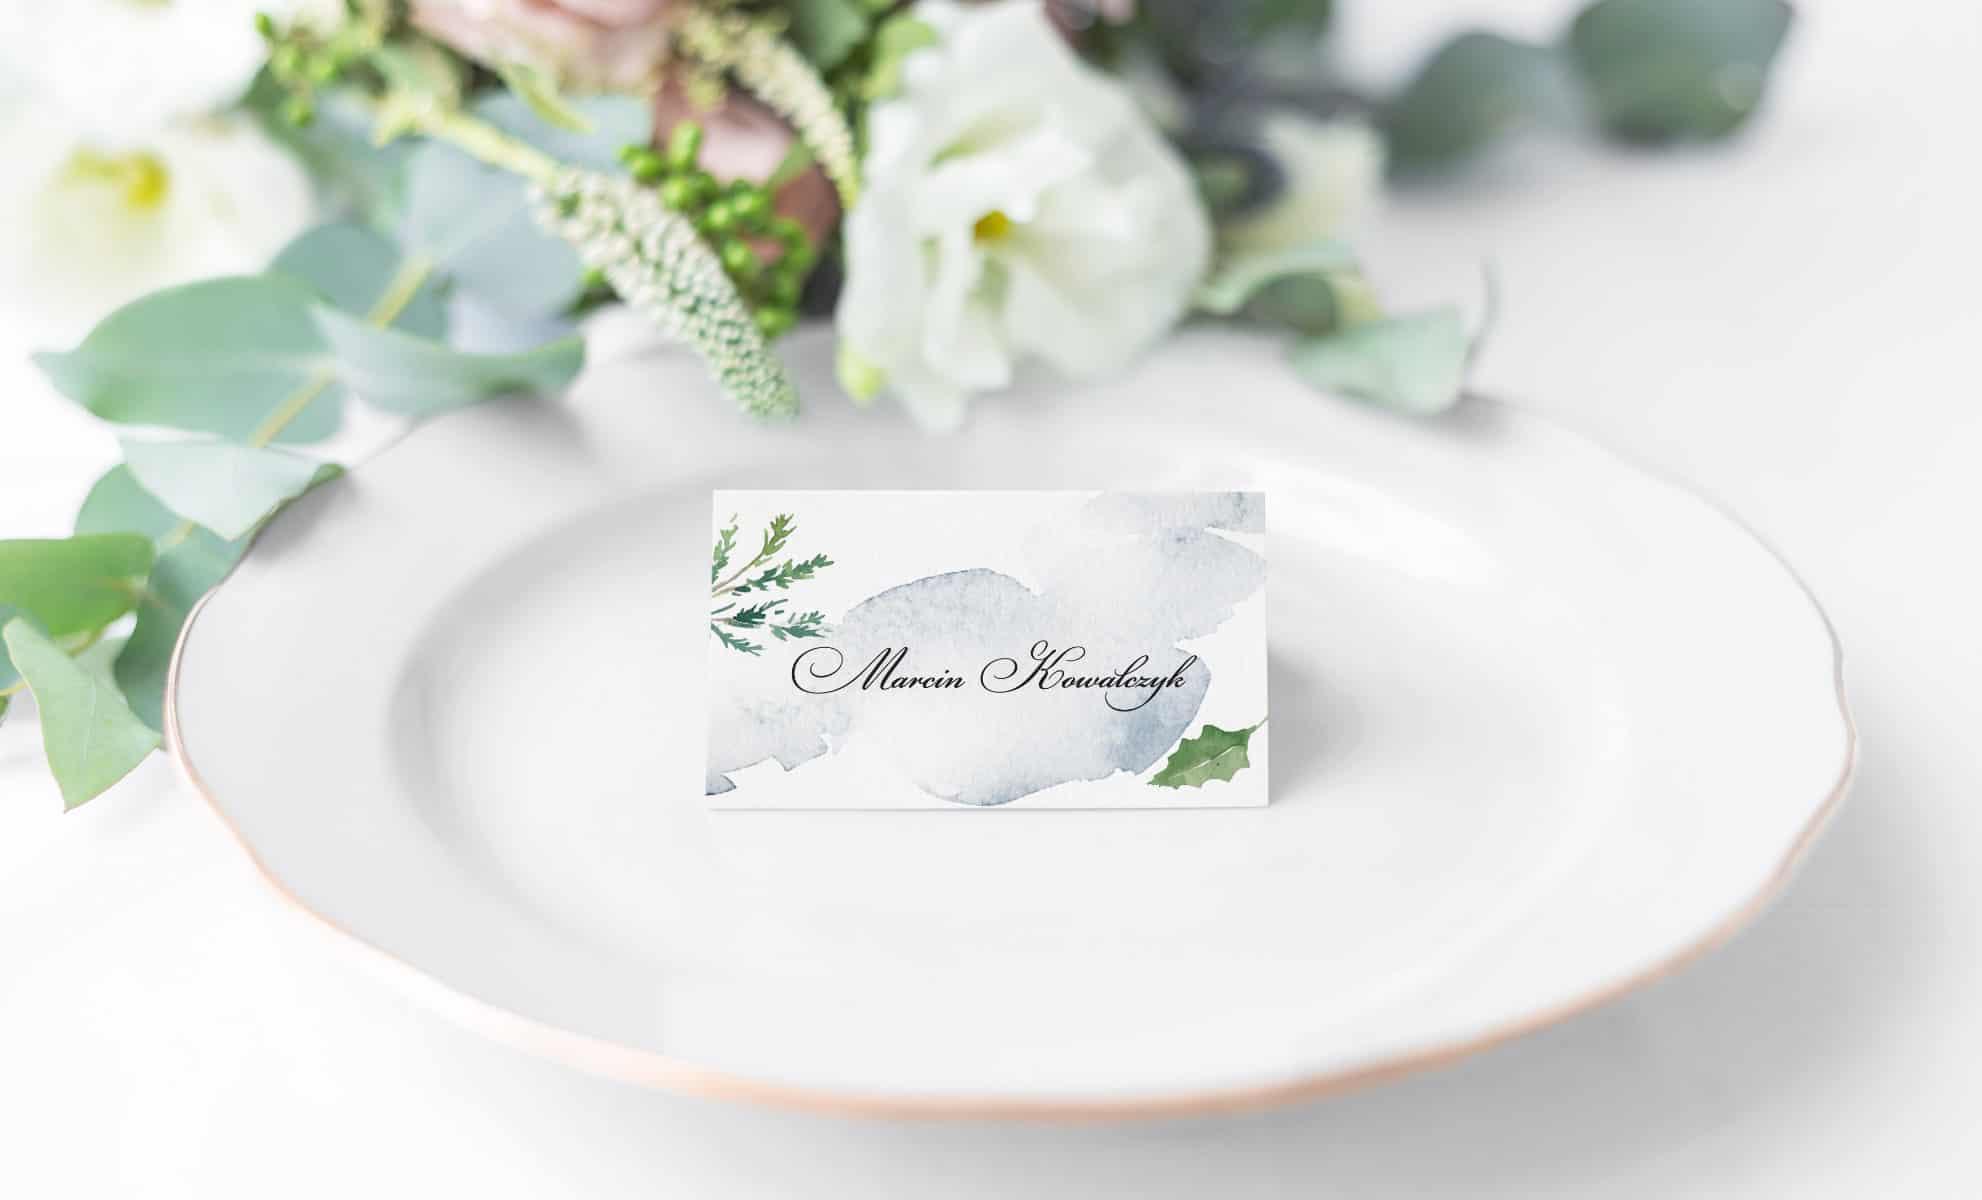 Winietki na wesele zimą z ozdobną czcionką